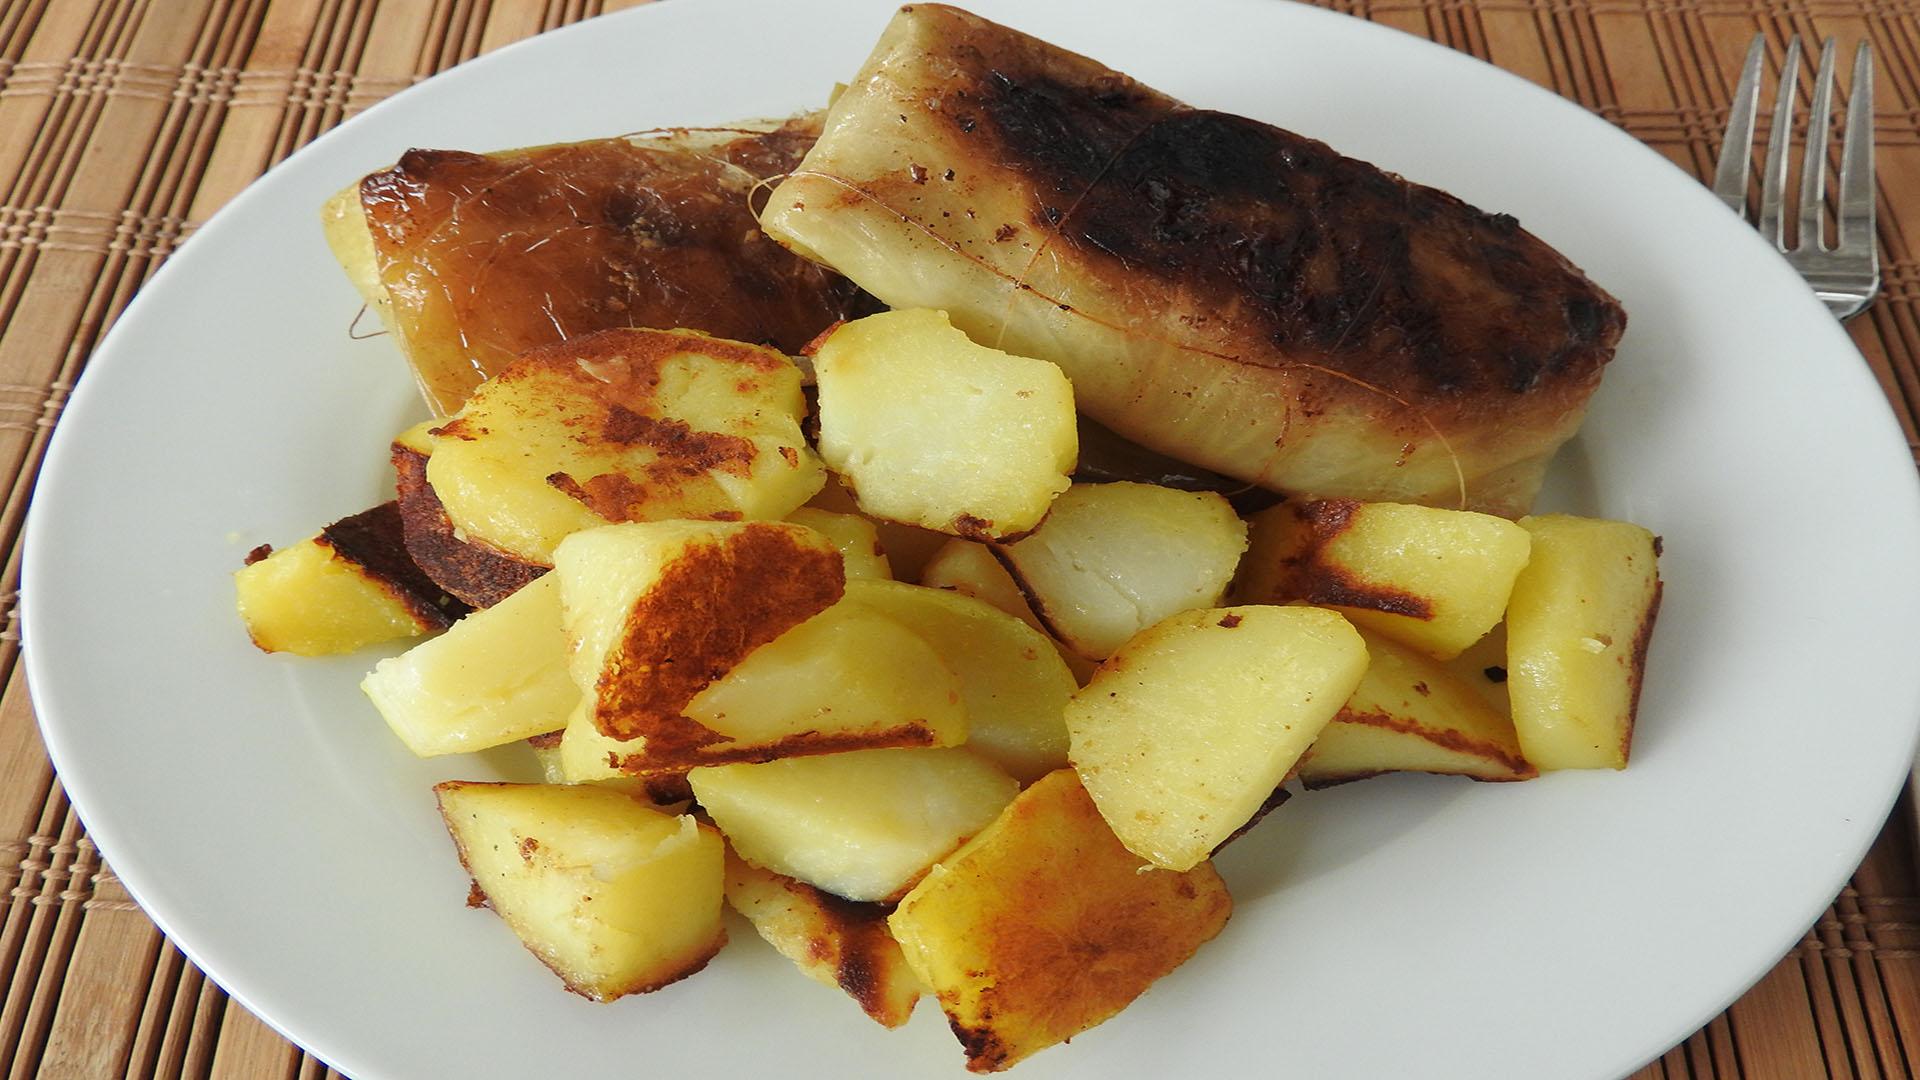 Kohlrouladen mit Bratkartoffeln auf Kochen-verstehen.de